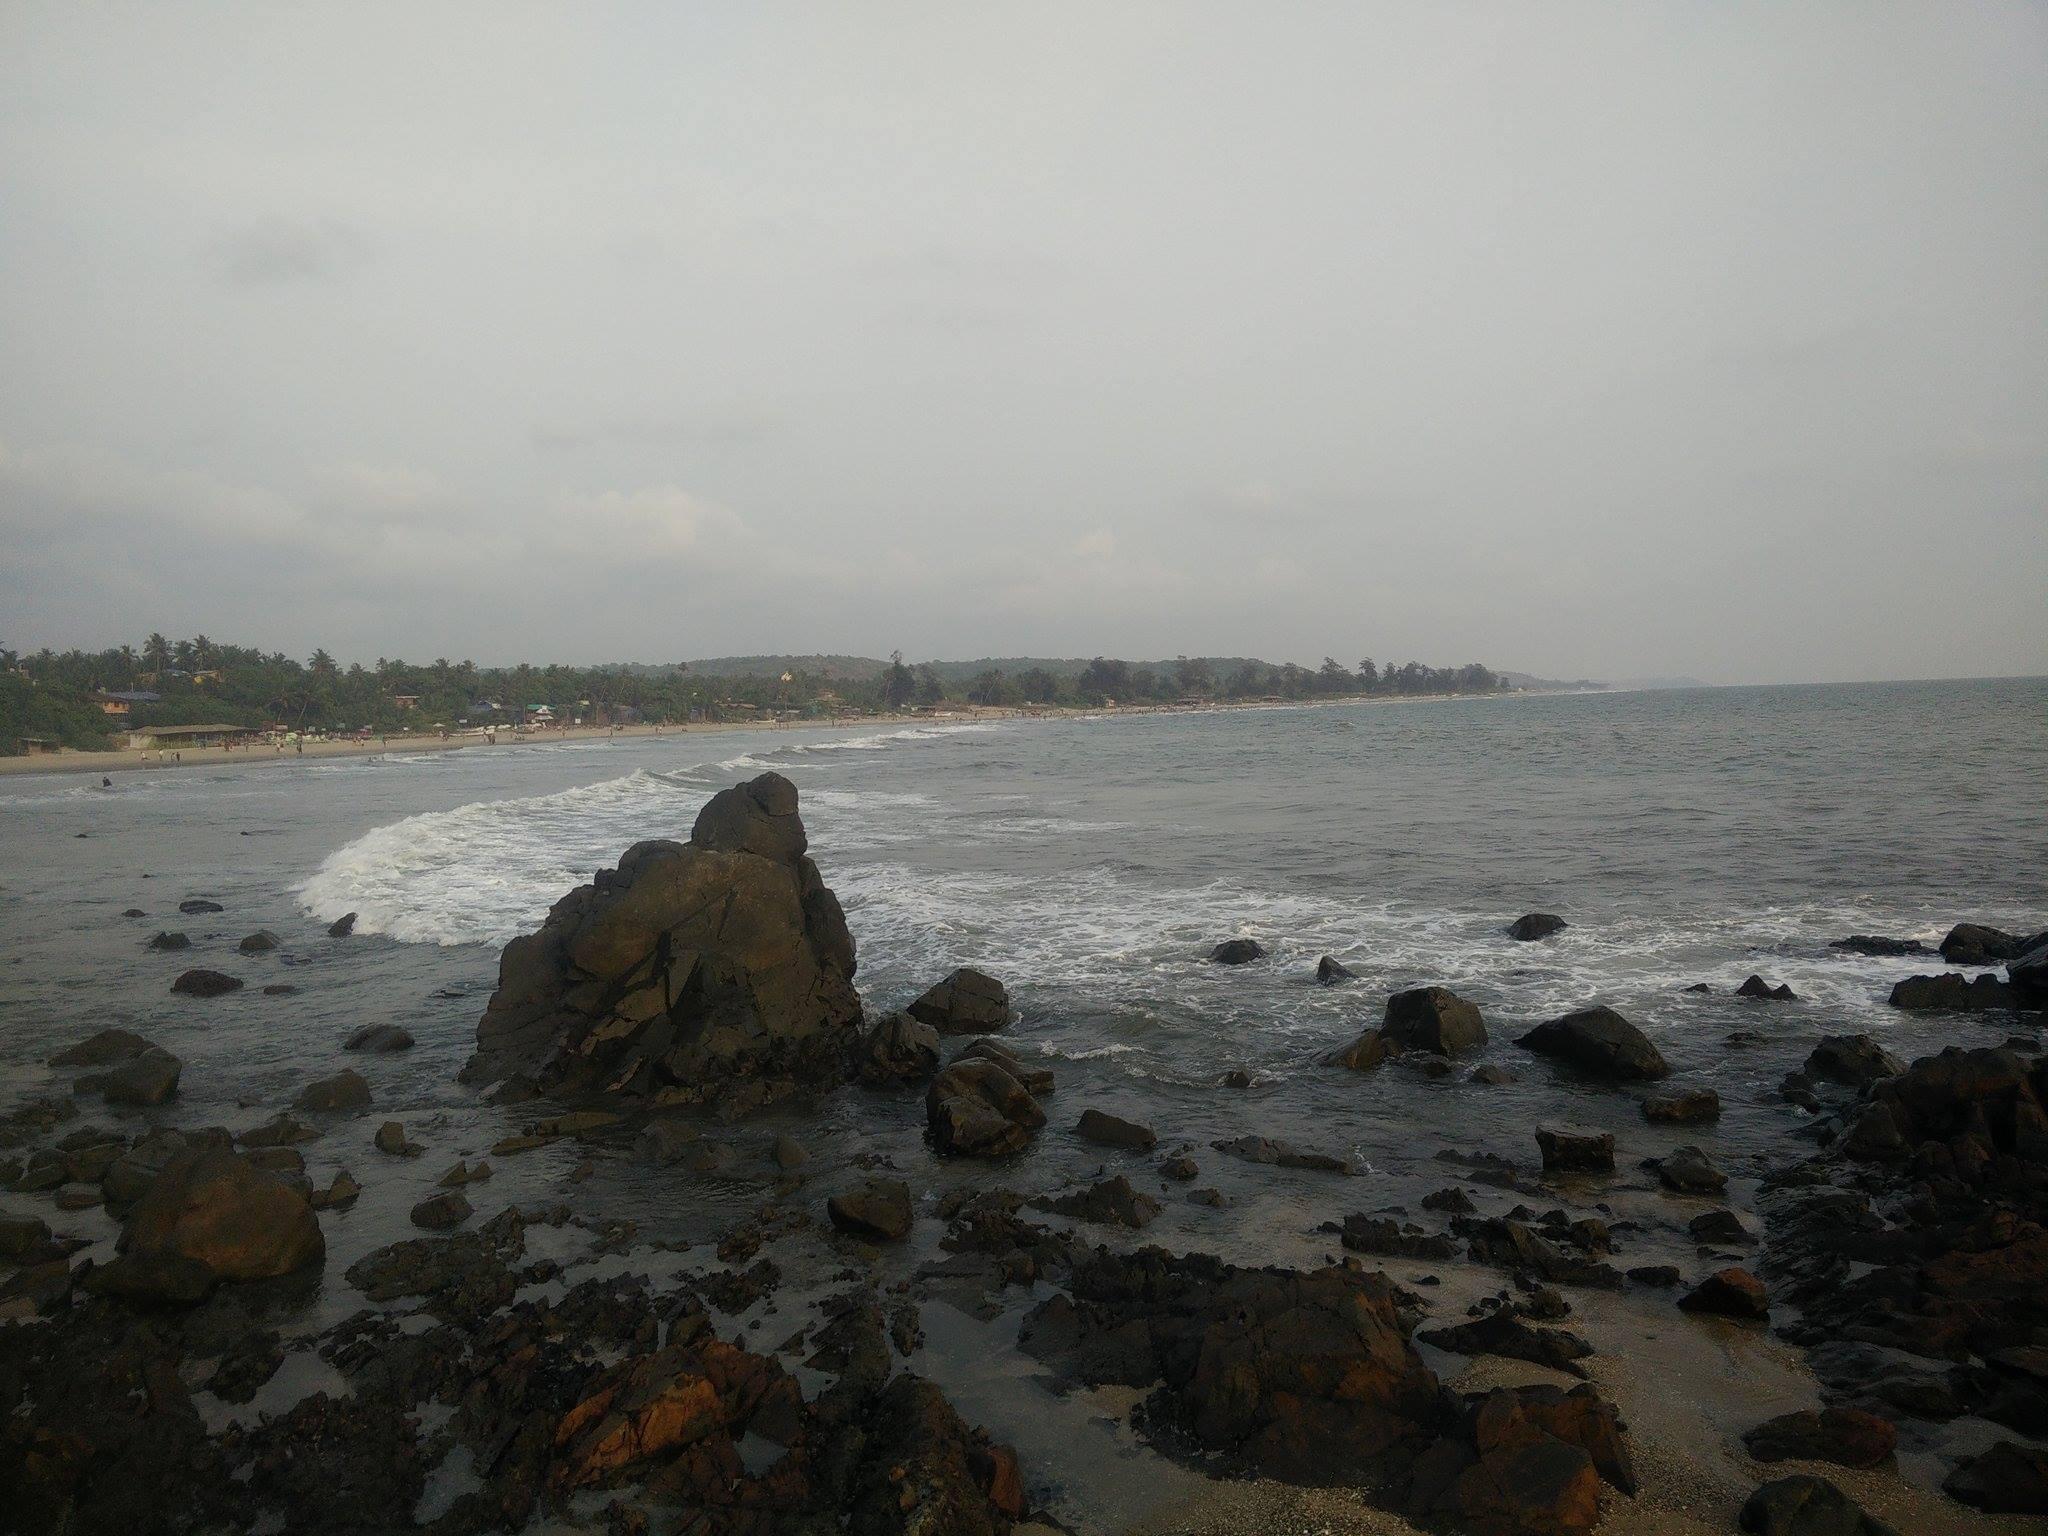 plage arambole goa ocean mer rocher